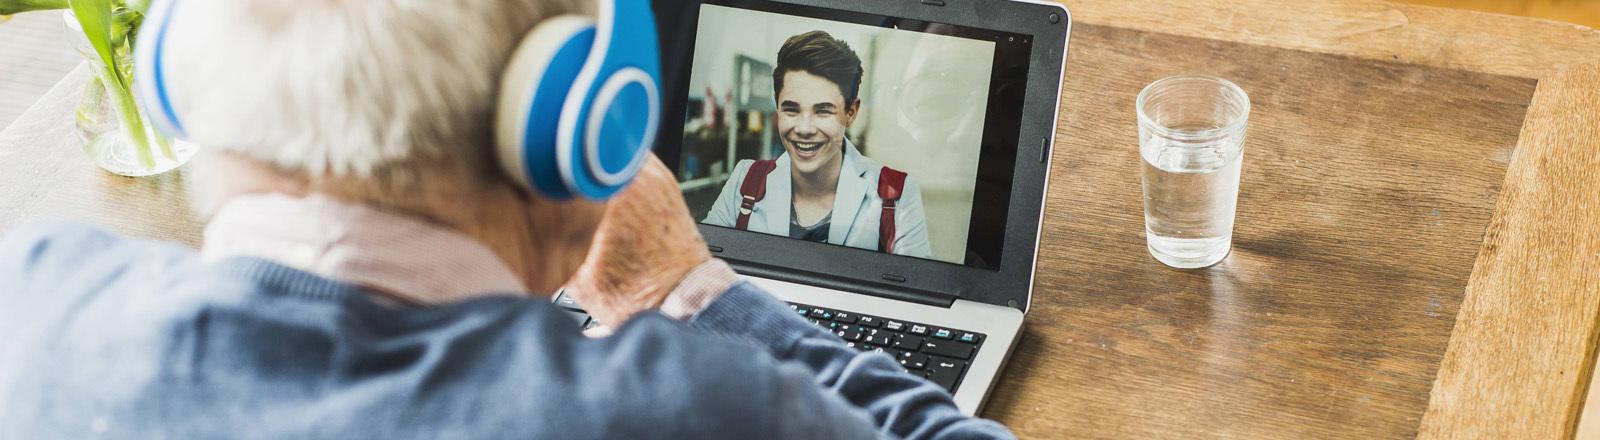 Ein älterer Herr führt ein Gespräch per Videocall mit einem jüngeren Mann.